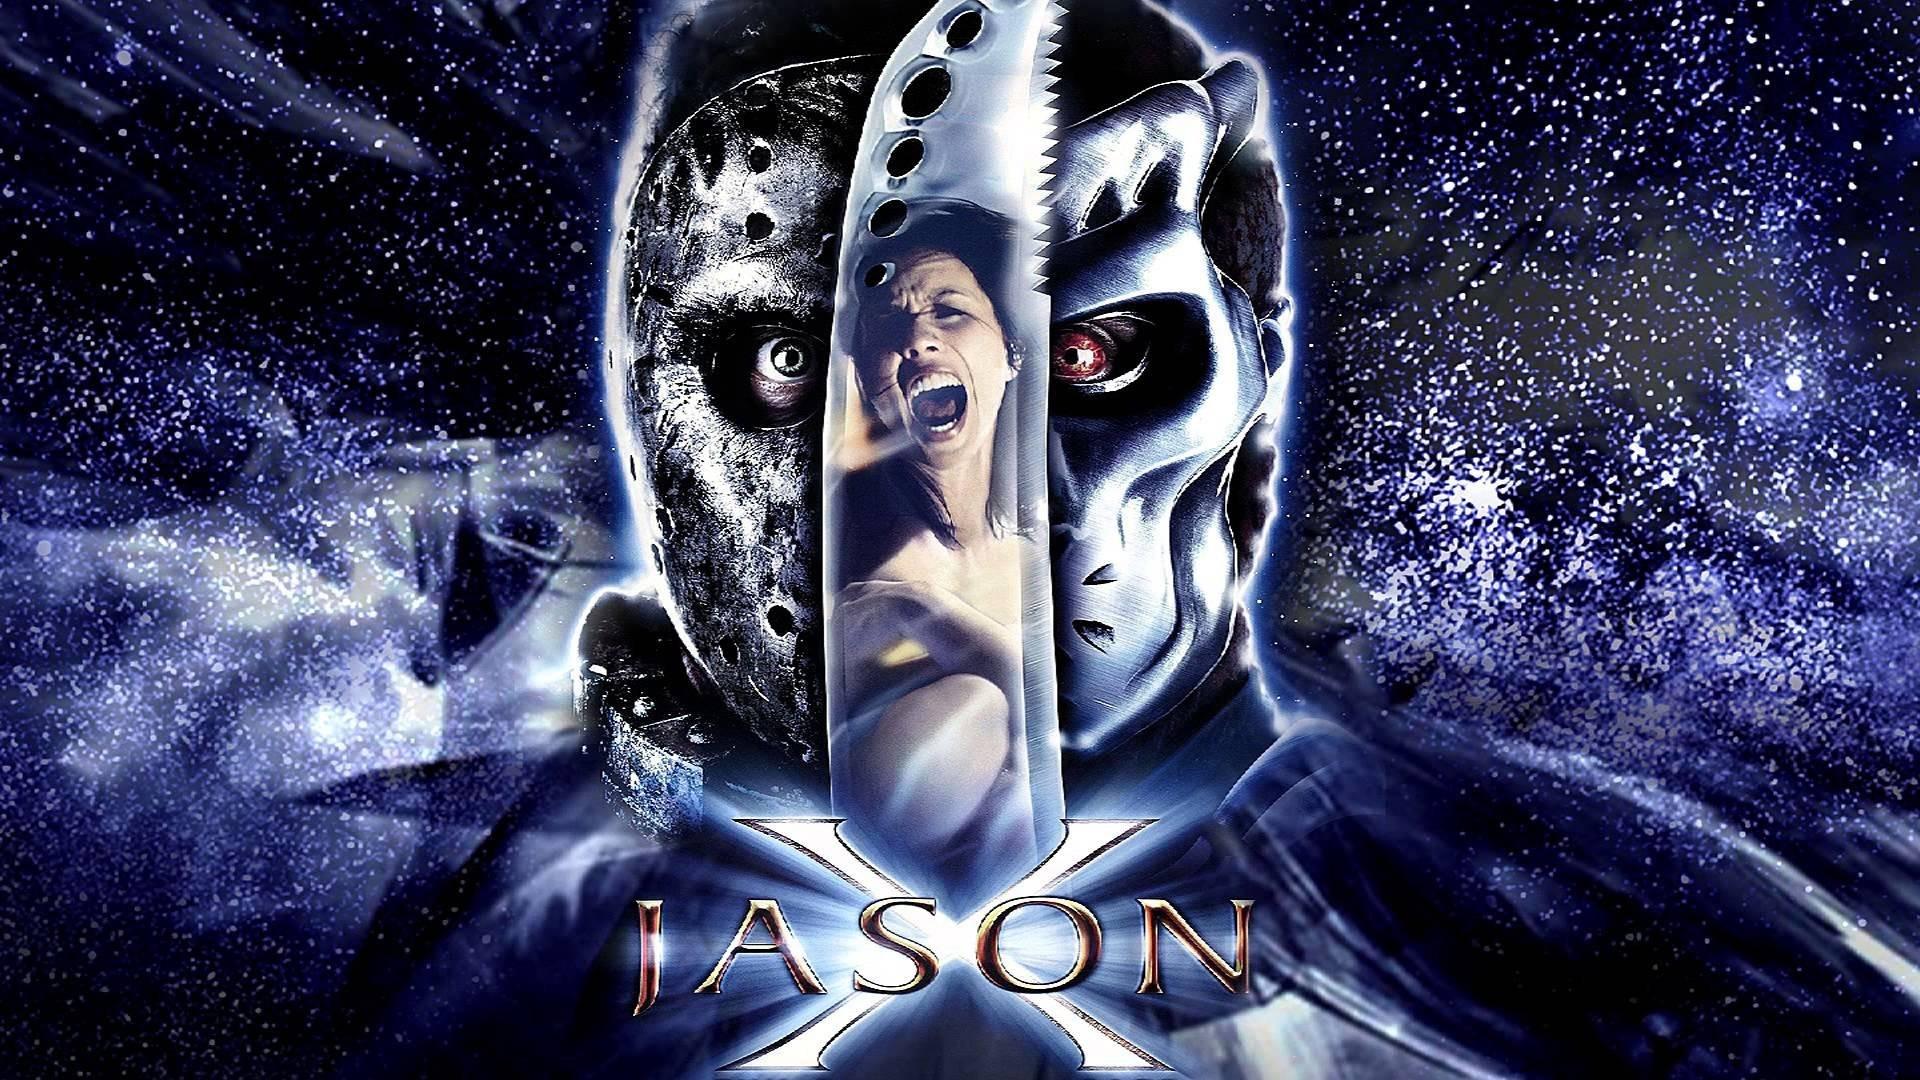 FRIDAY 13TH dark horror violence killer jason thriller fridayhorror  halloween mask wallpaper | | 604244 | WallpaperUP